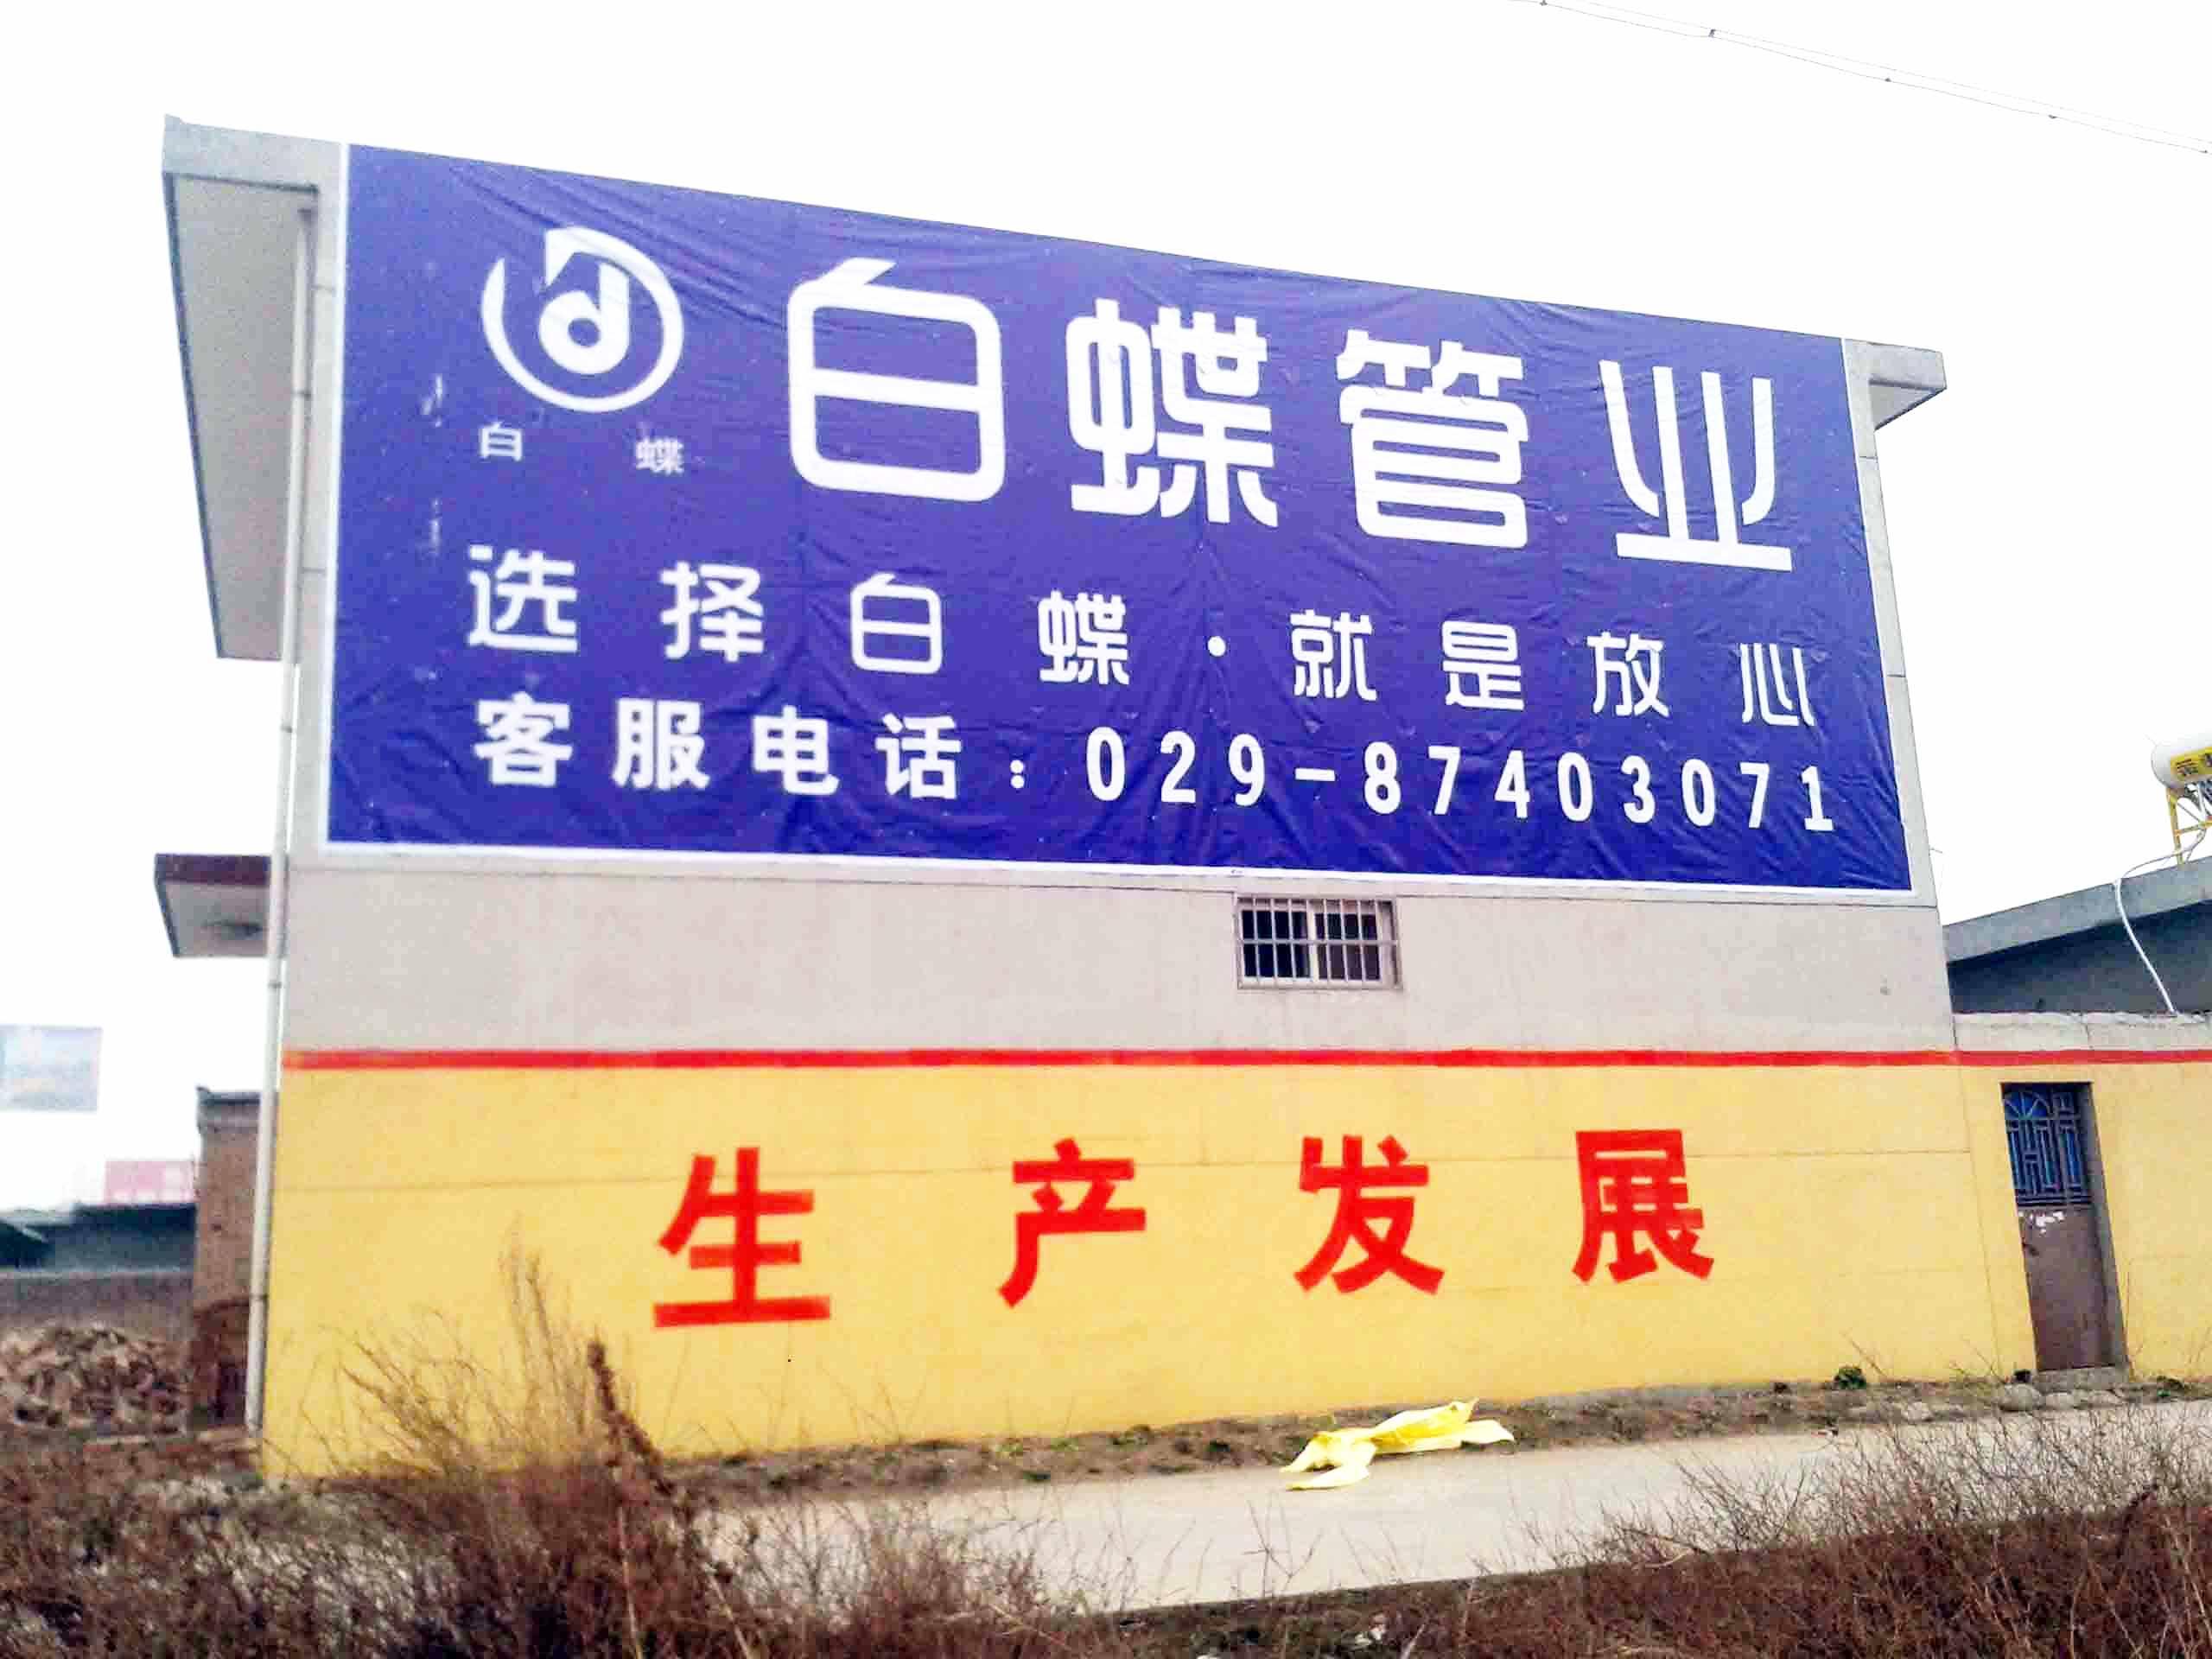 汉中墙体广告汉中墙体标语广告汉中农村墙体广告-易播网